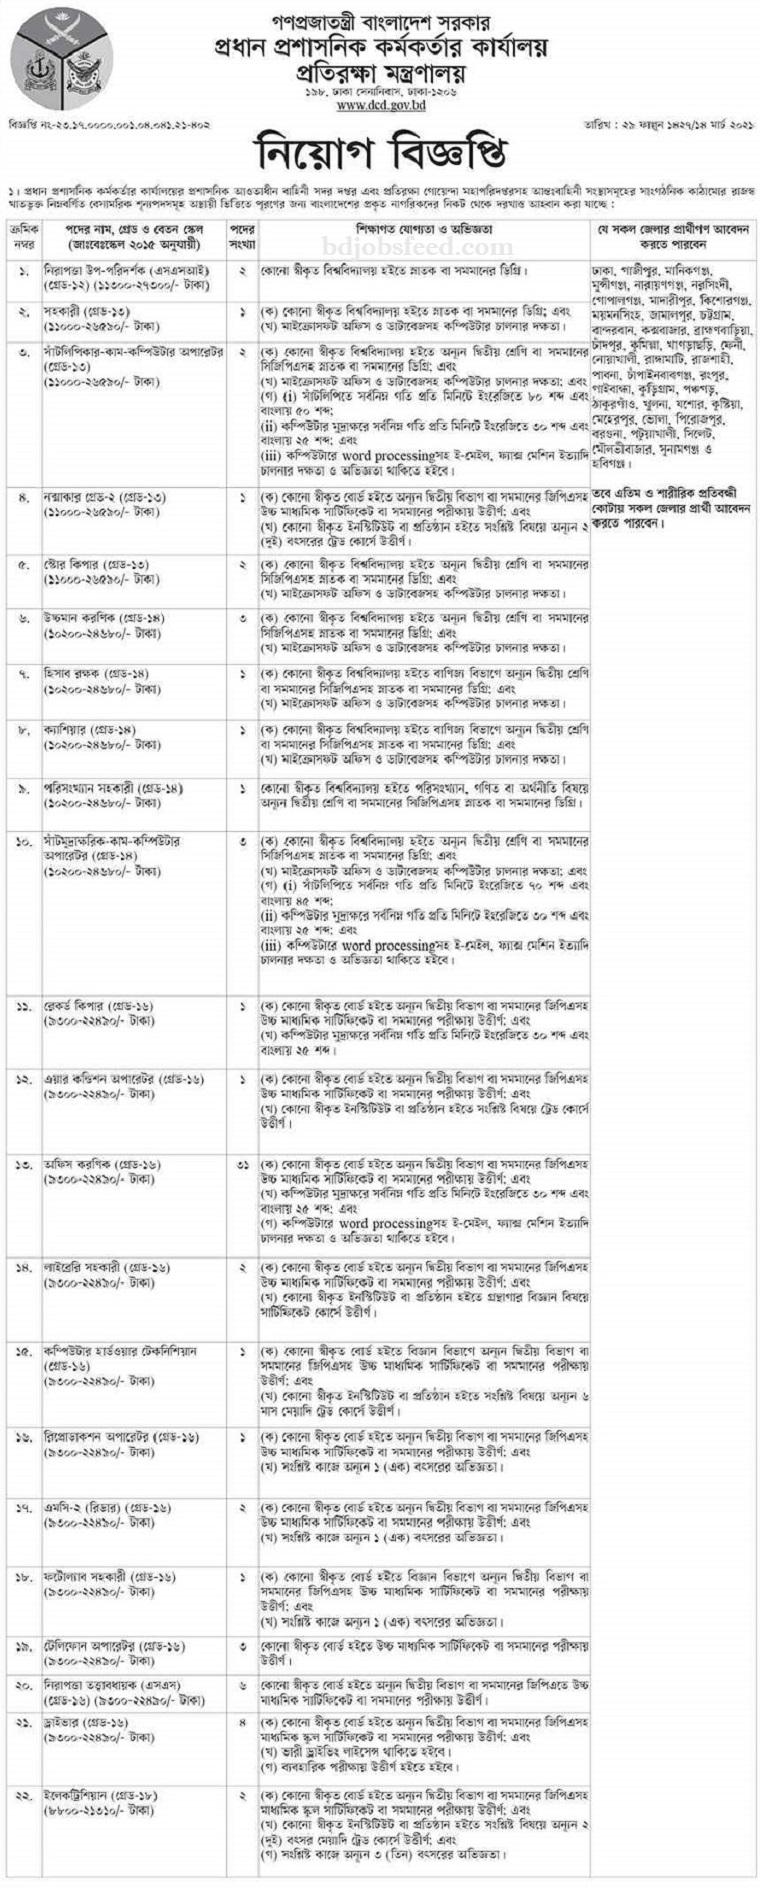 Ministry of Defence (MoD) Job Circular April 2021